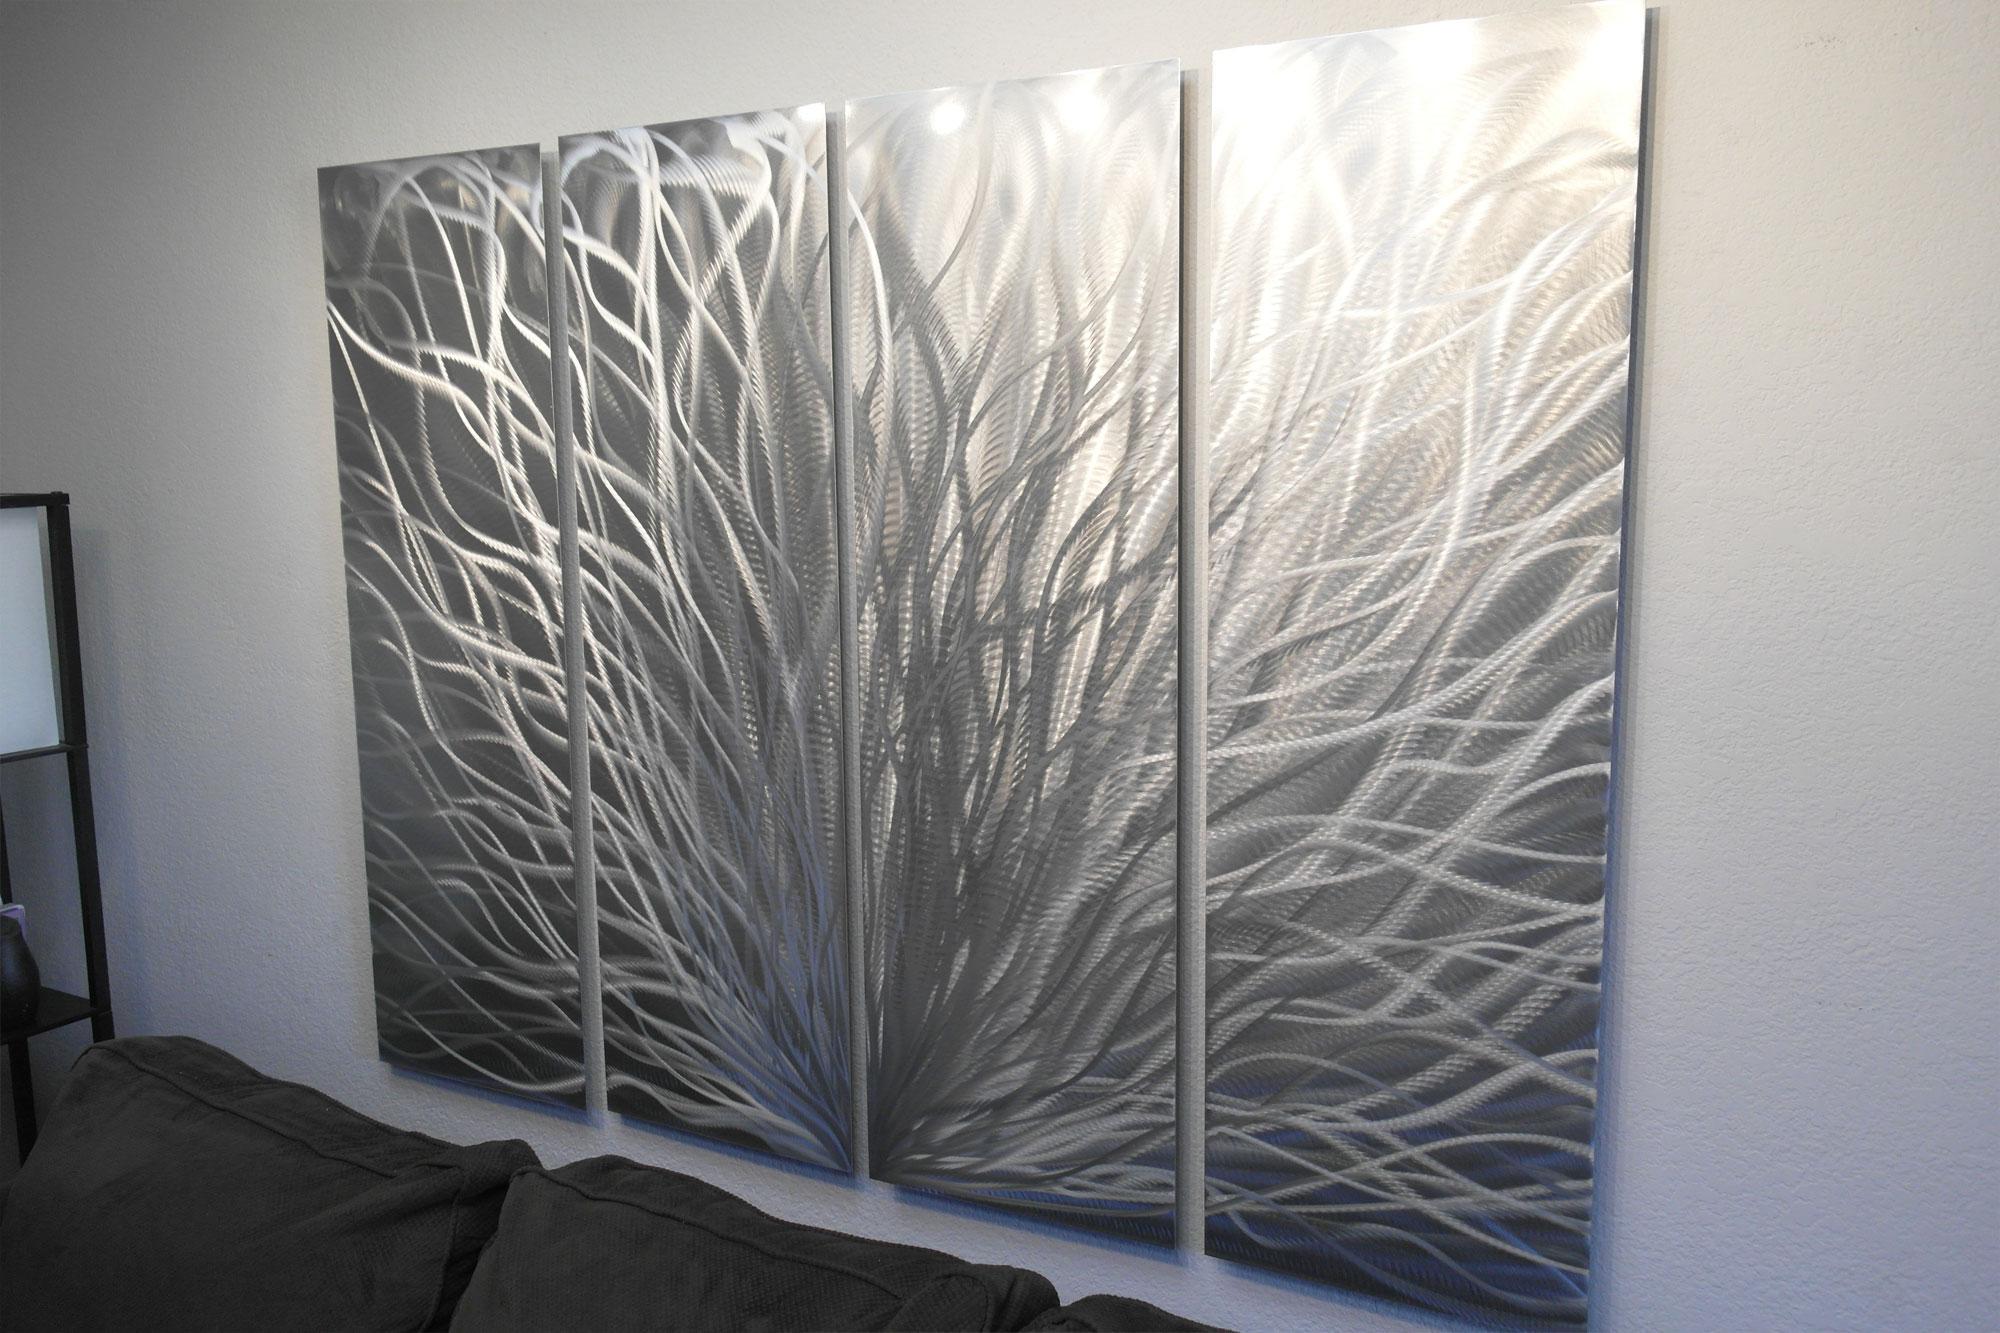 Metal Wall Art Abstract Sculpture